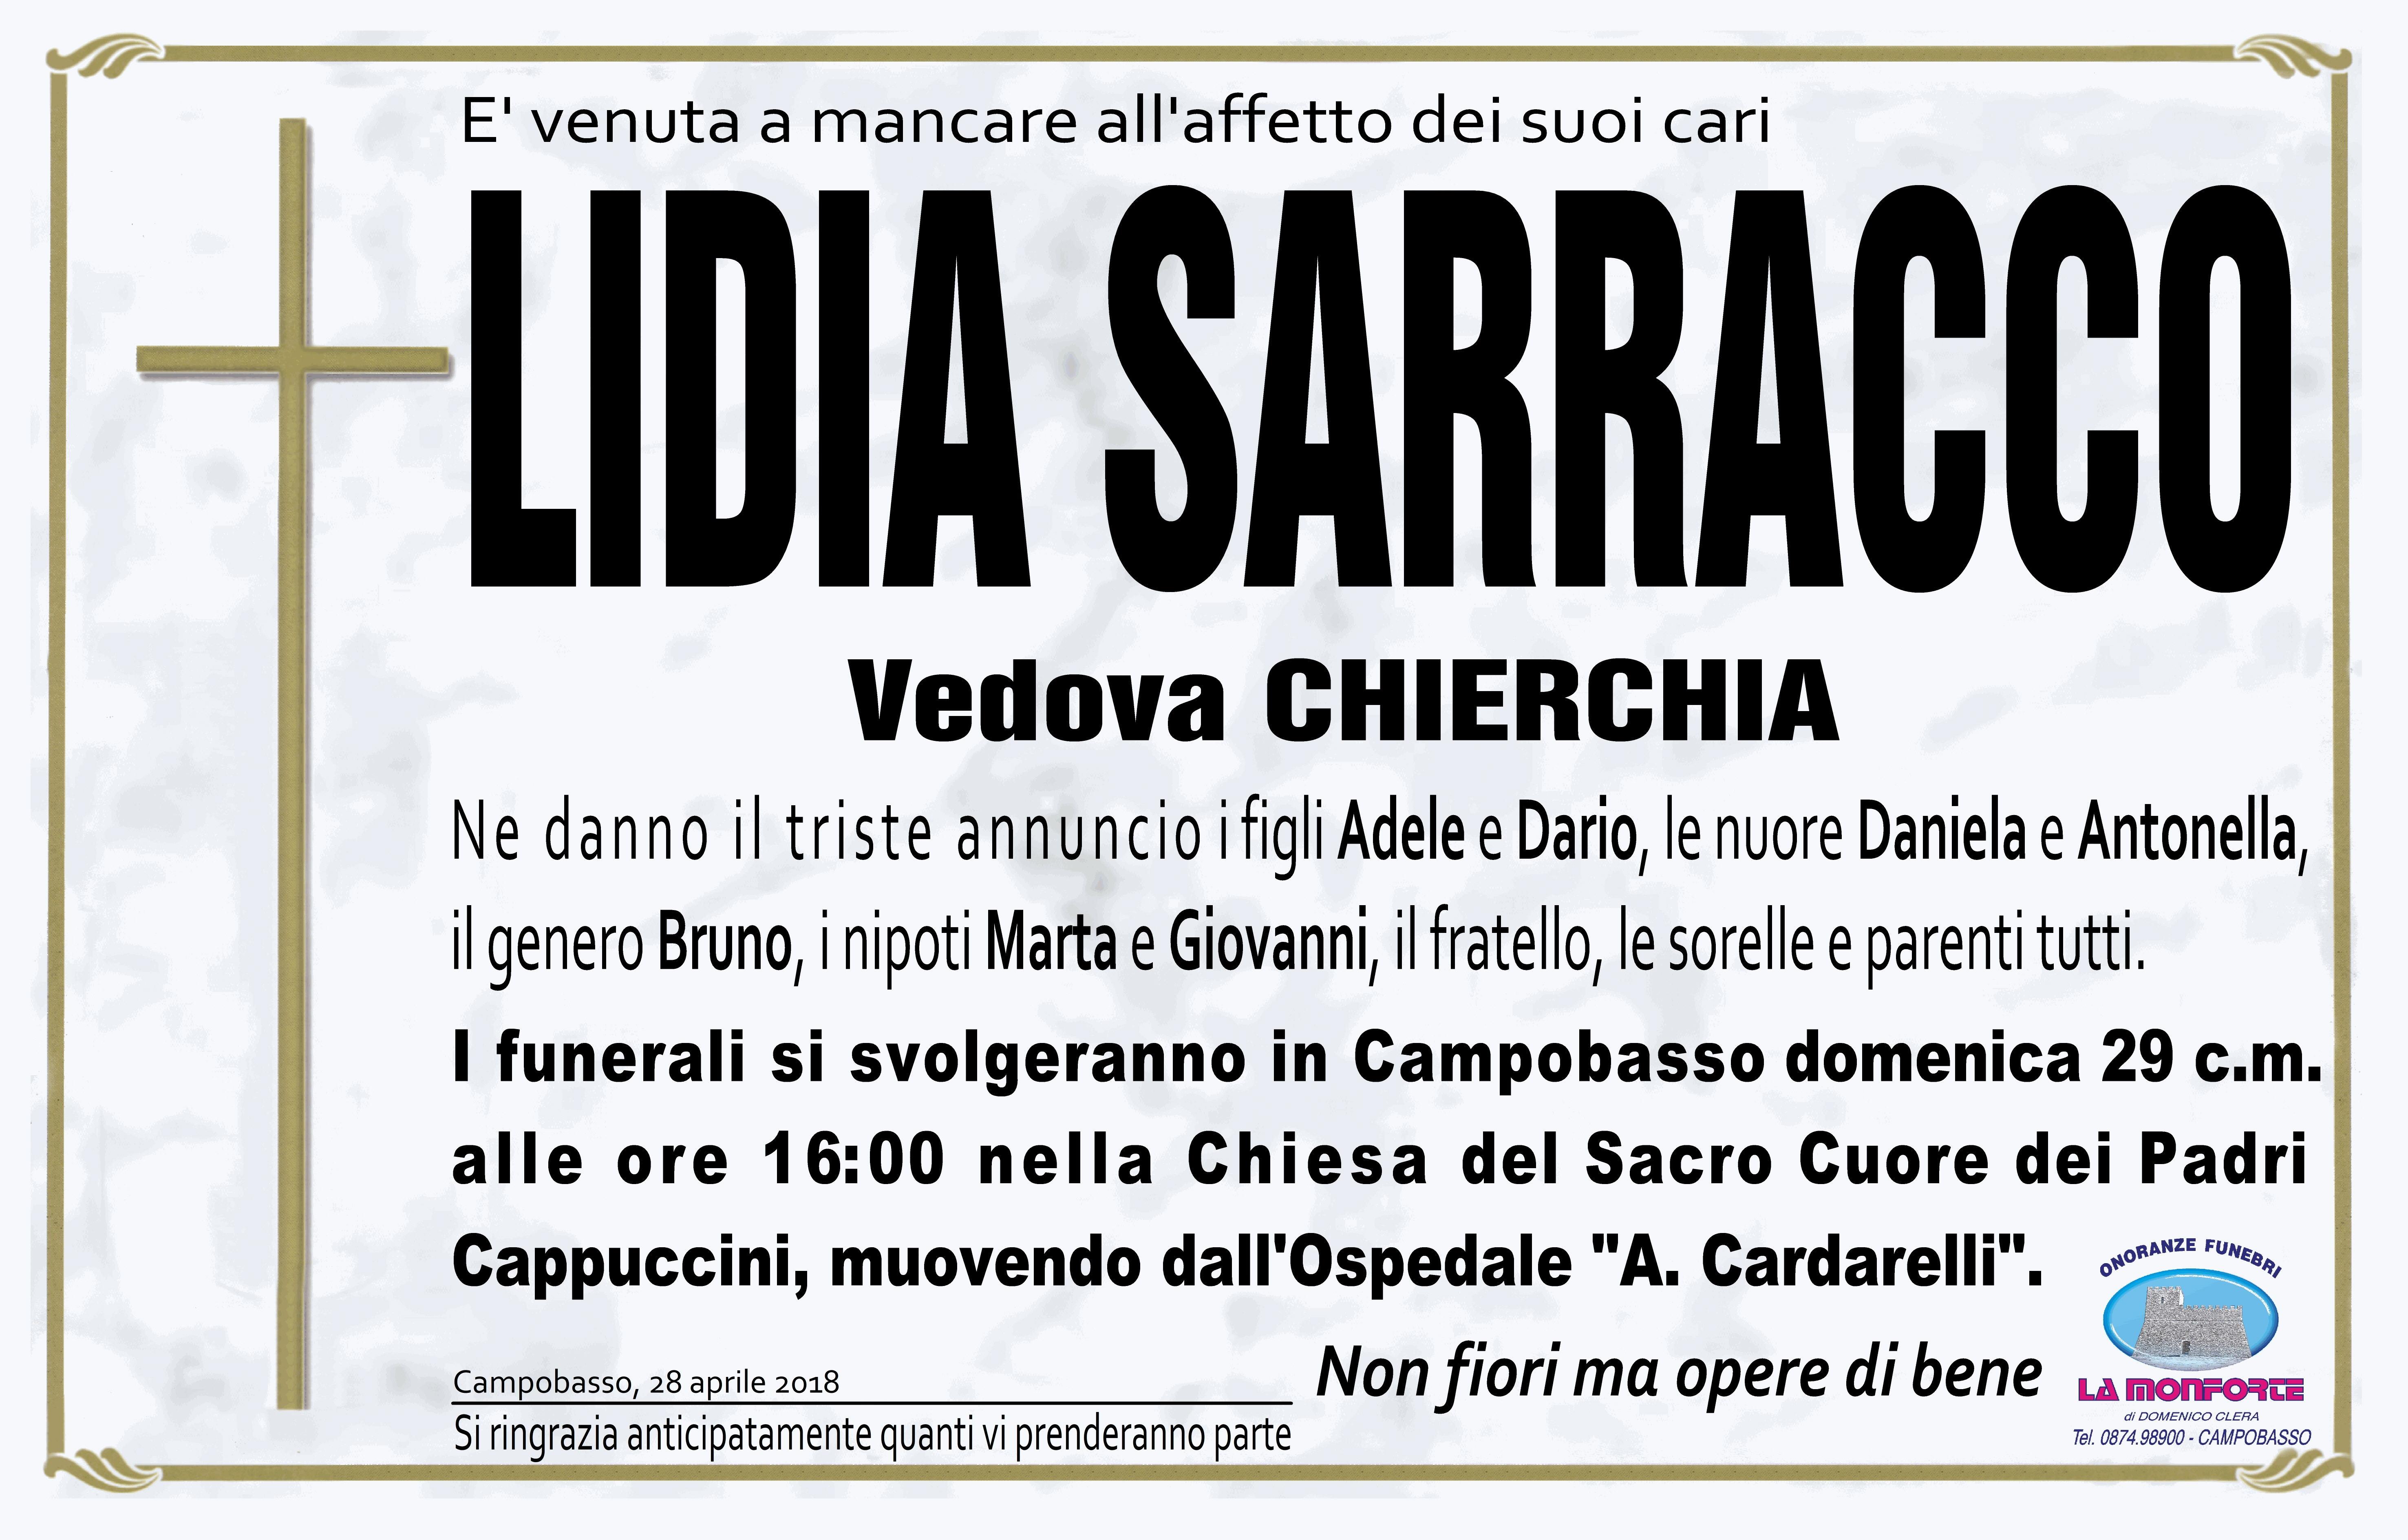 Lidia Sarracco – 28/04/18 – Campobasso – Onoranze Funebri La Monforte